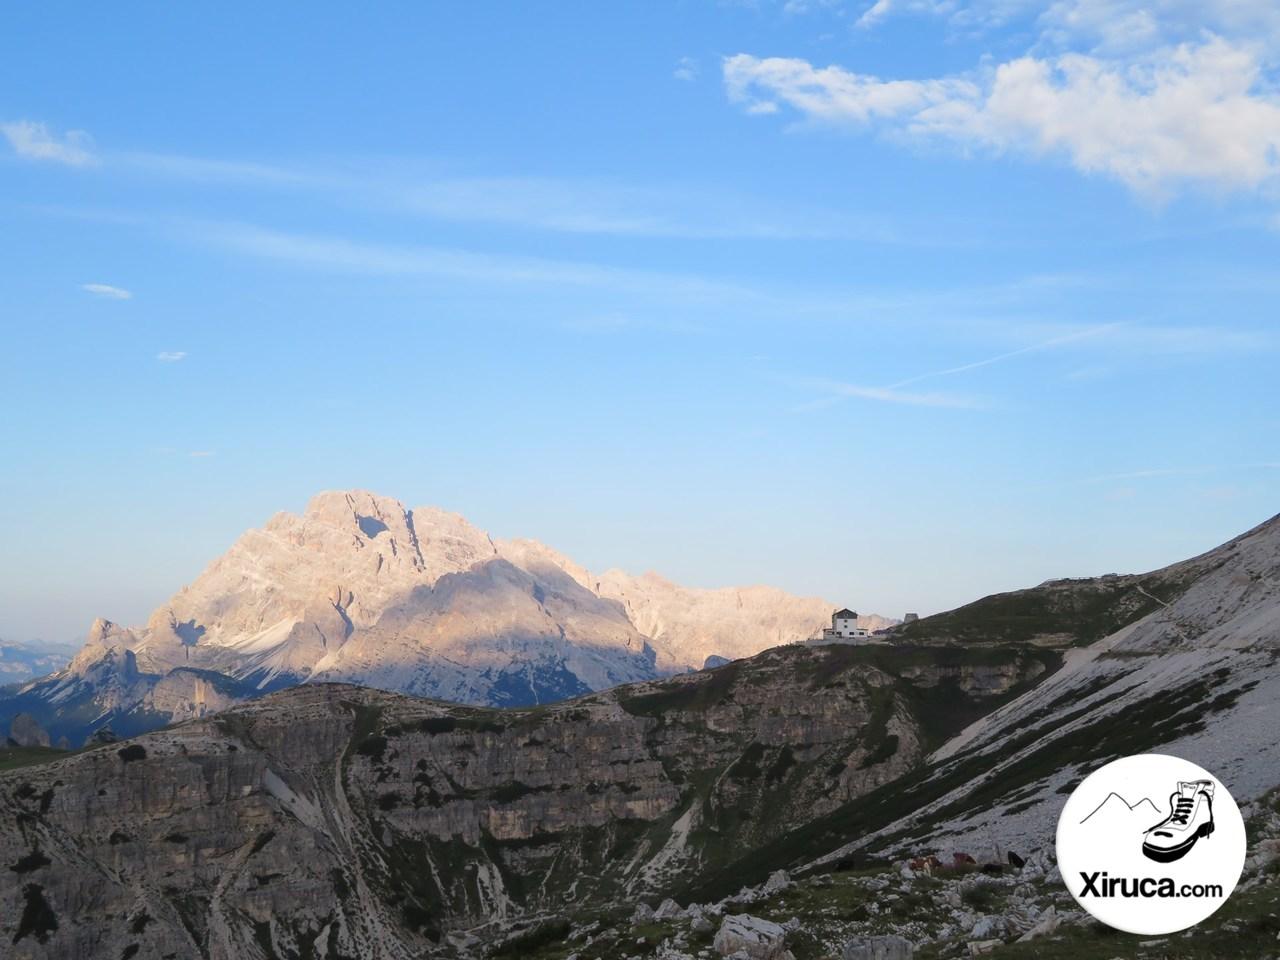 Monte Cristallo y Rifugio Auronzo